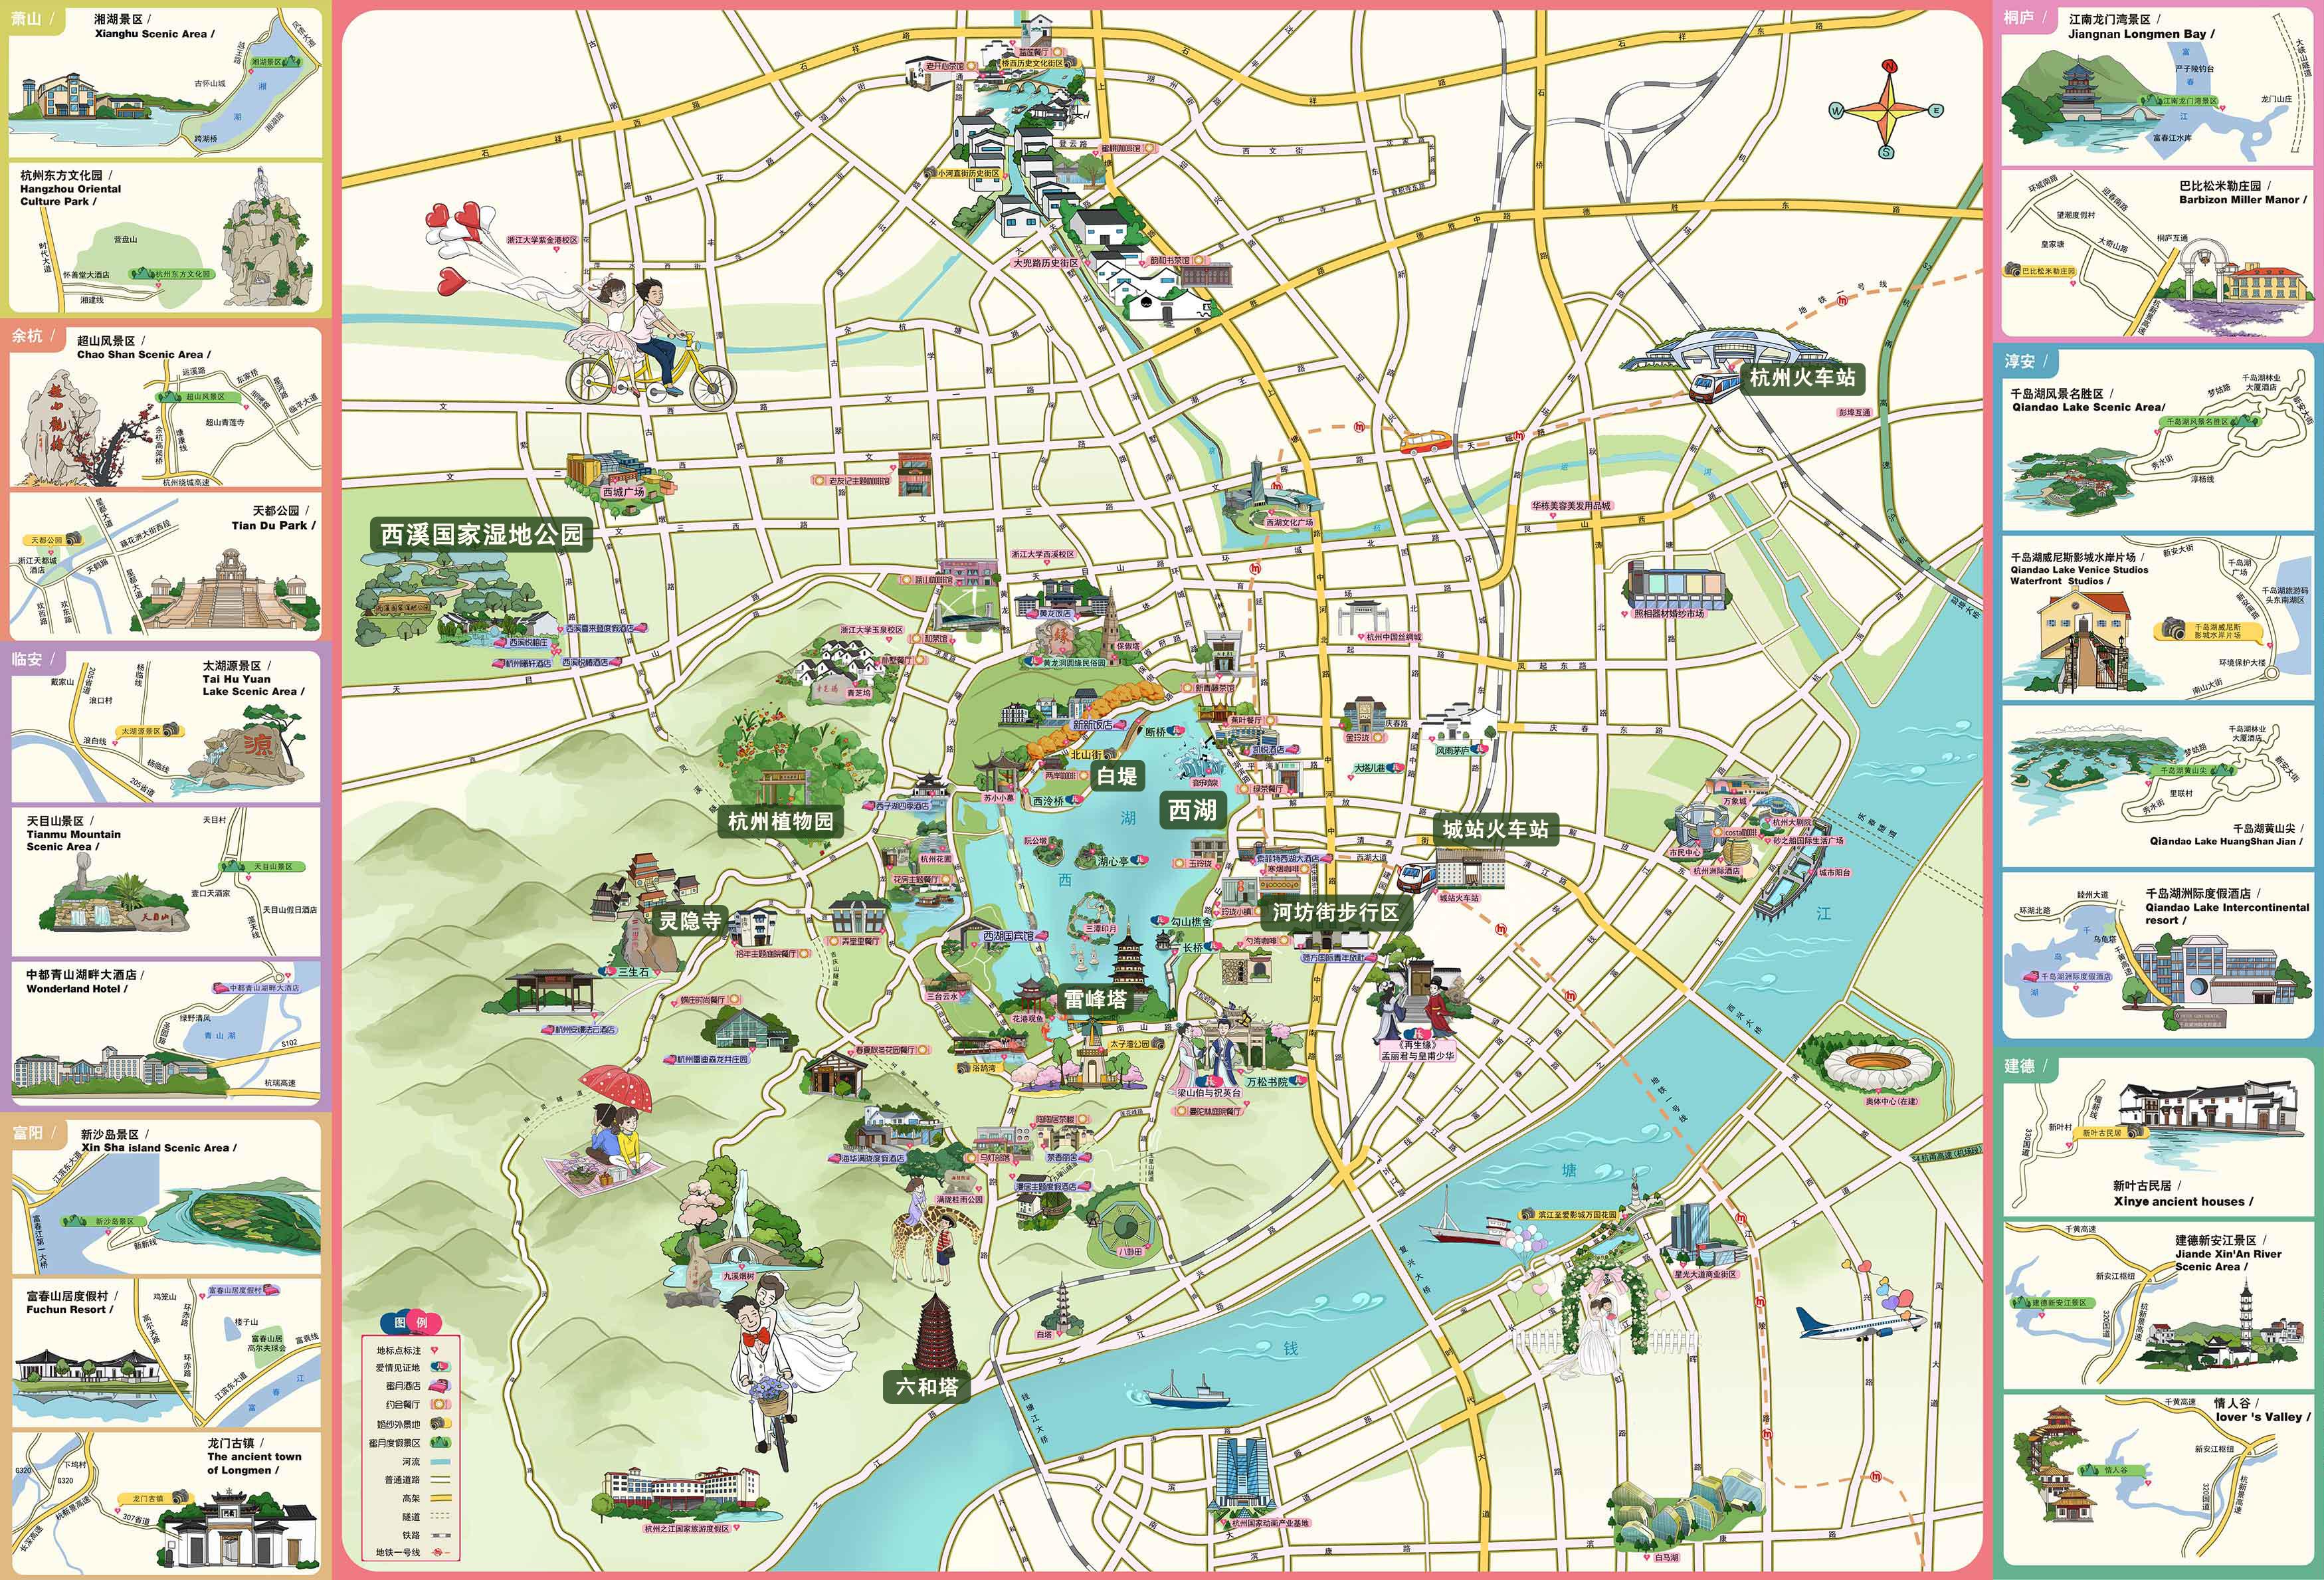 杭州景点导览图@攻略频道